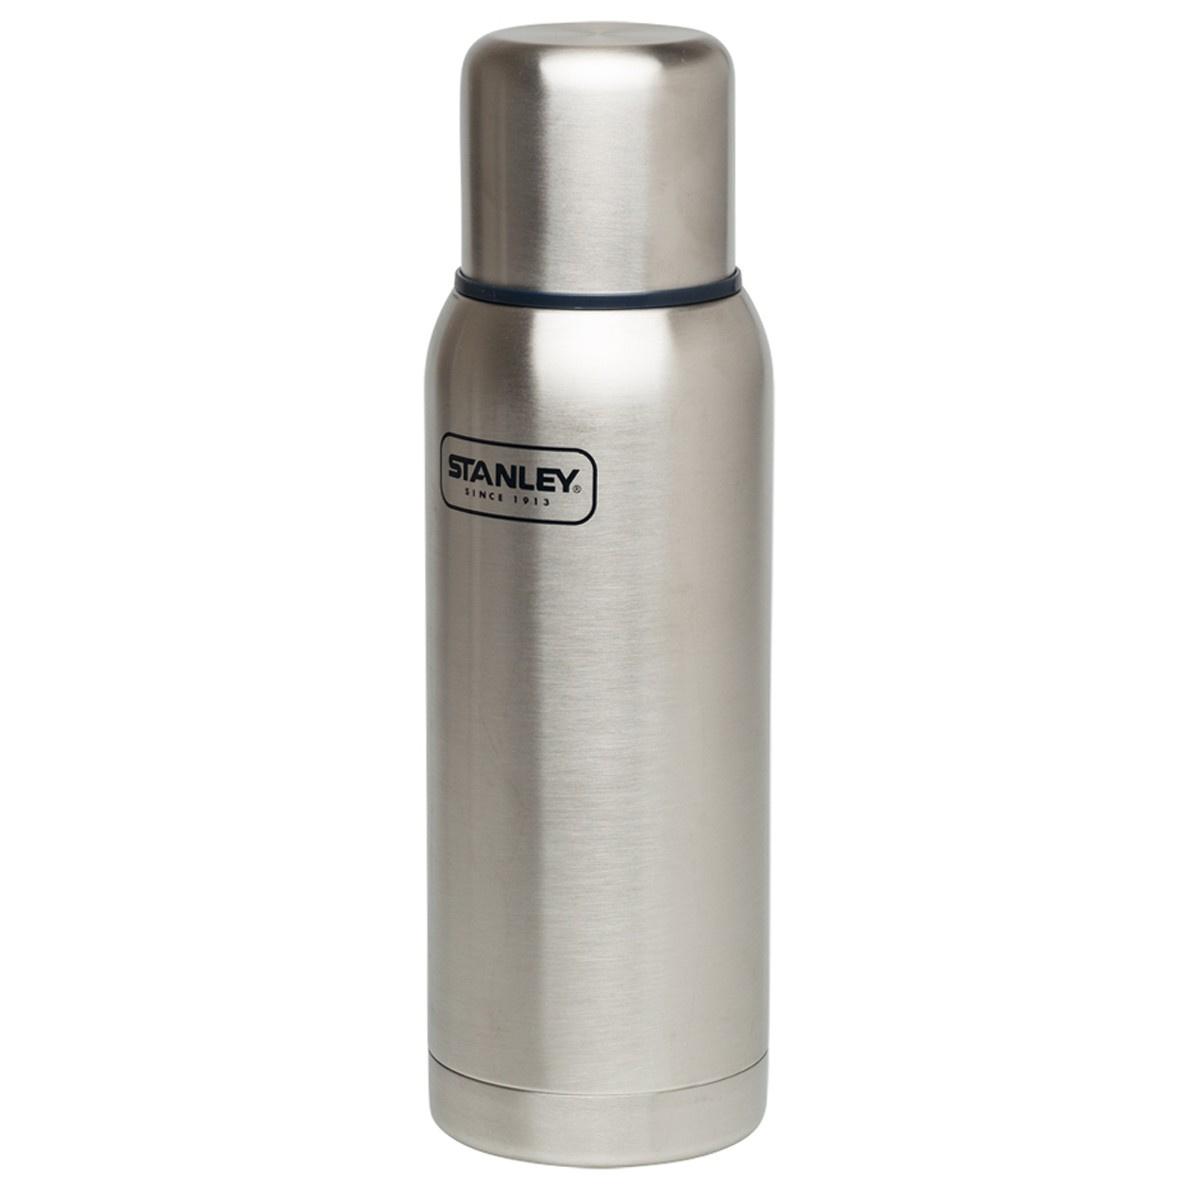 Stanley termoflaske, 1 L - rustfri